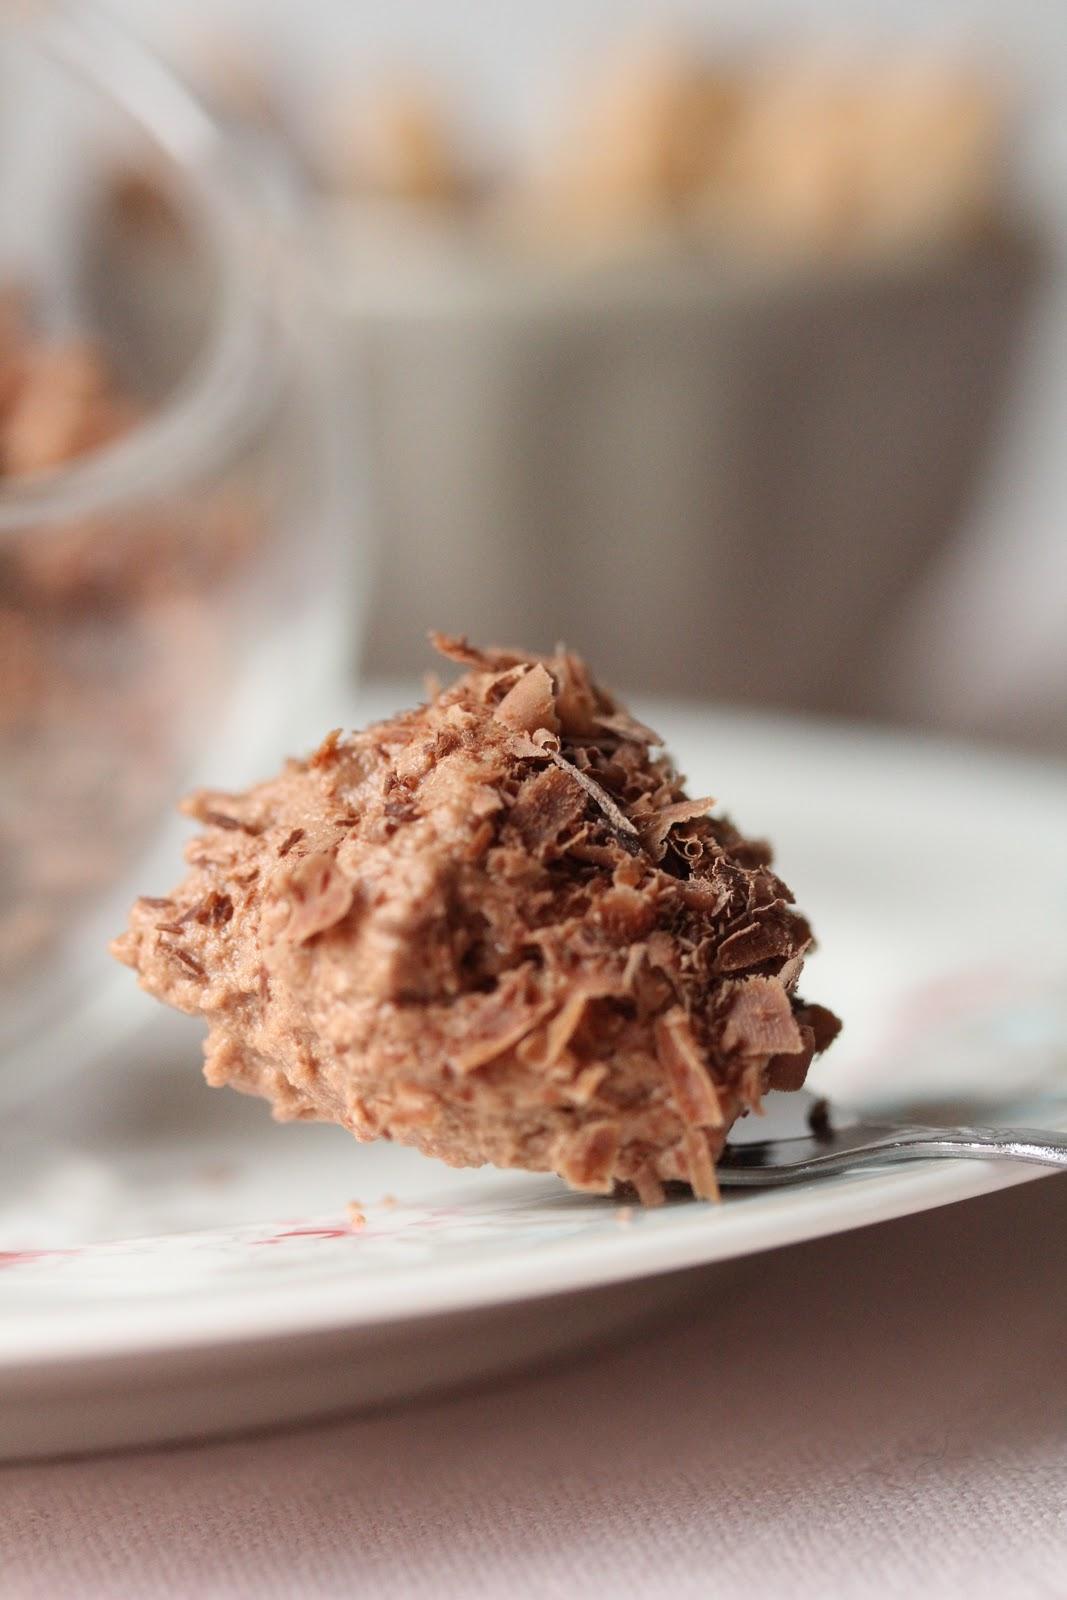 on dine chez nanou mousse au chocolat l g re uniquement. Black Bedroom Furniture Sets. Home Design Ideas